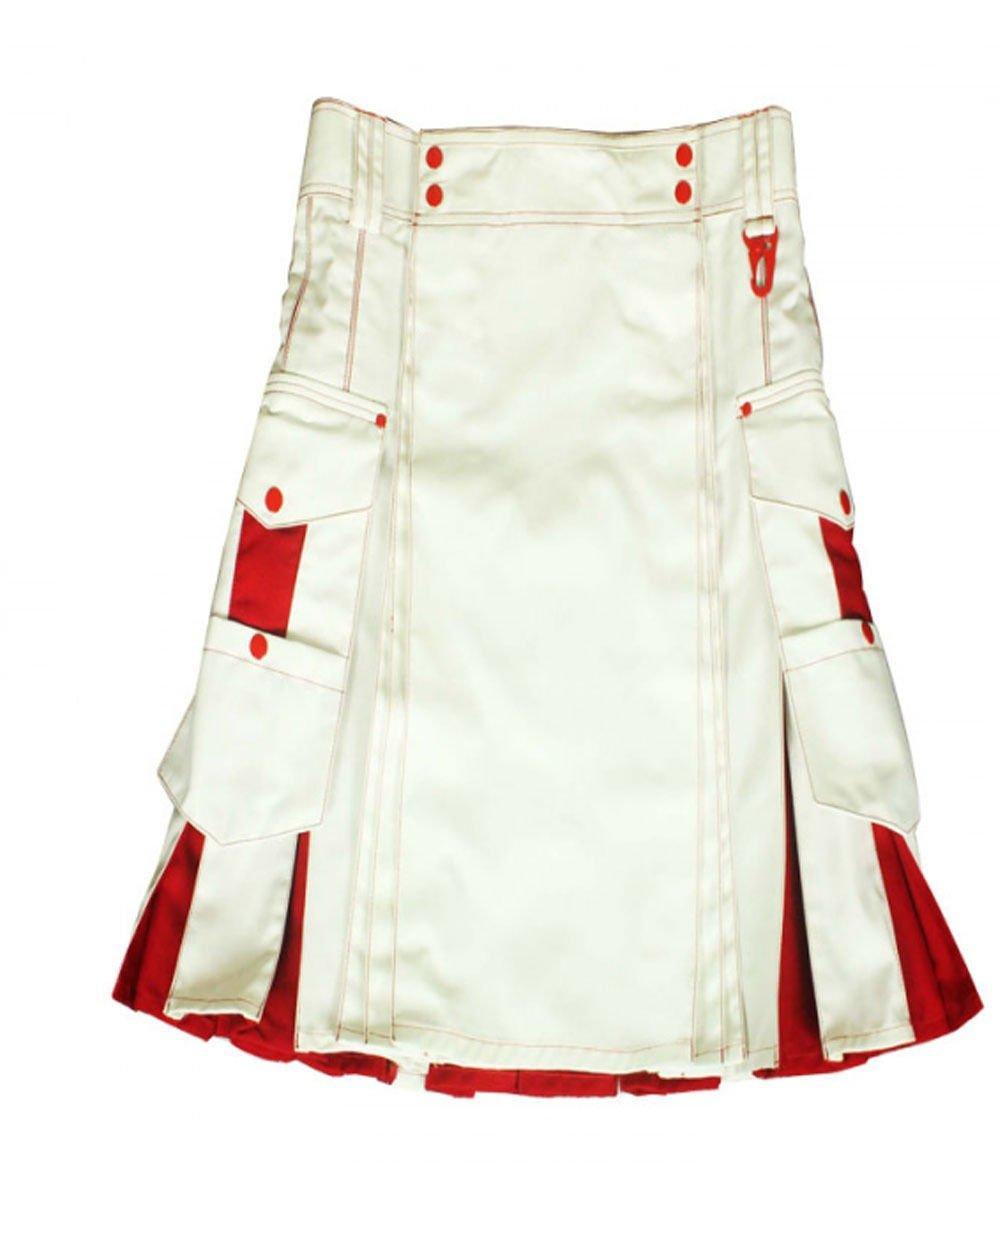 56 Size Handmade White & Red Cotton Kilt for Active Men, Hybrid Cotton Utility Deluxe Kilt